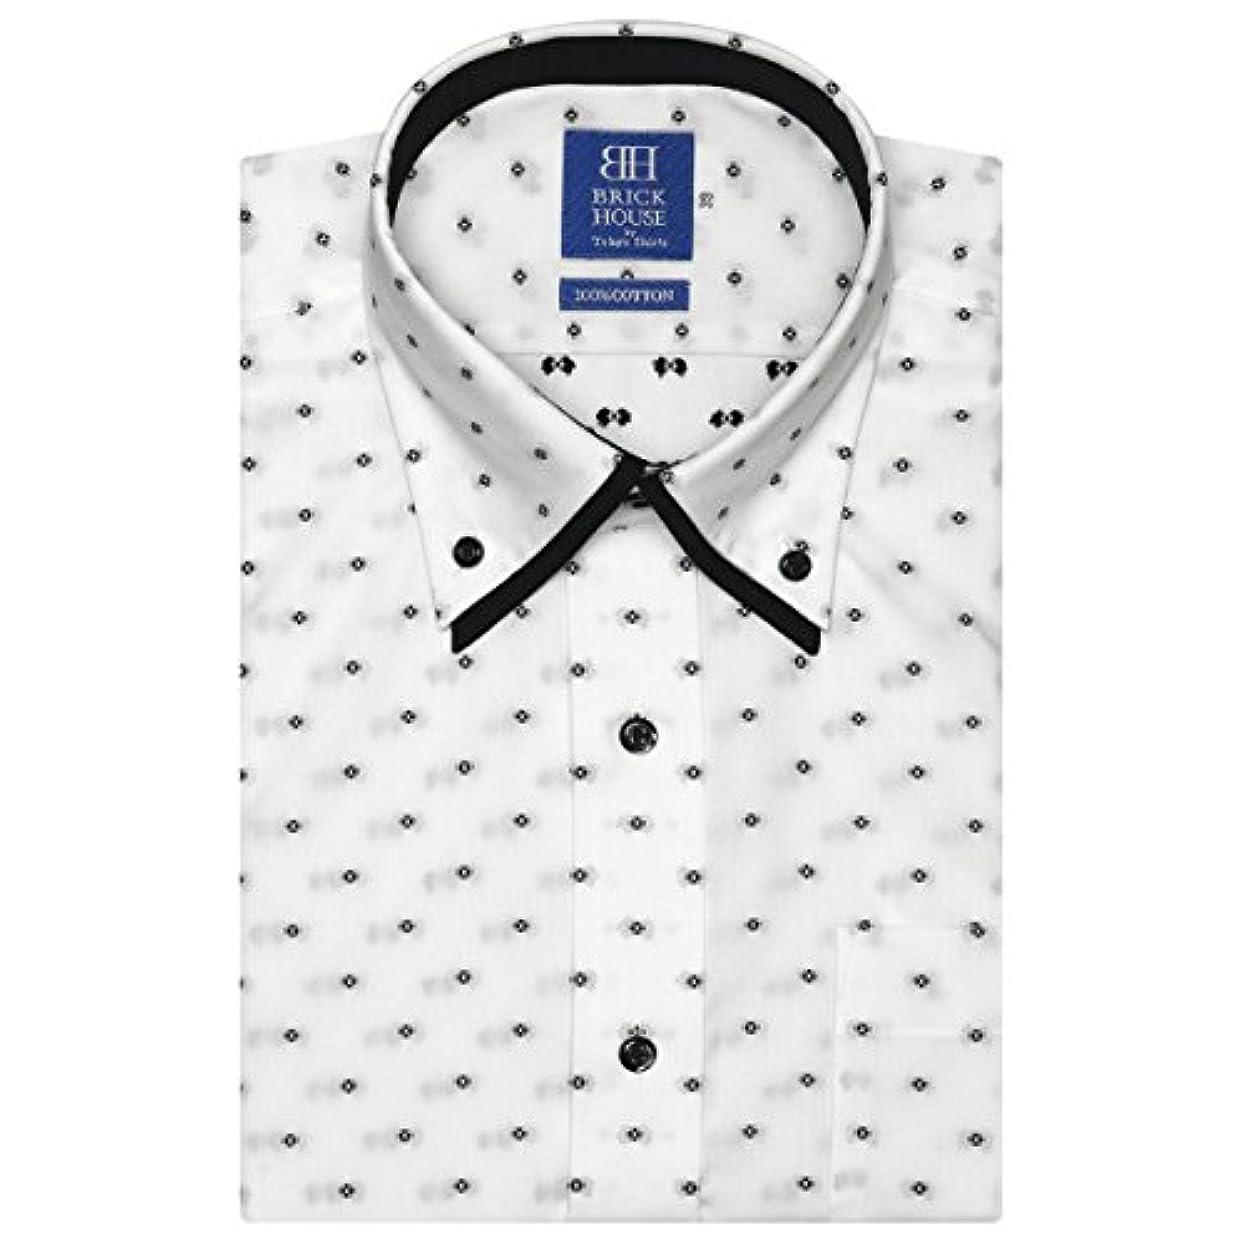 ボイドマエストロハンバーガーブリックハウス ワイシャツ 半袖 形態安定 ボタンダウン ダブルカラー 綿100% 新体型 メンズ BM018210AA45B4A-30